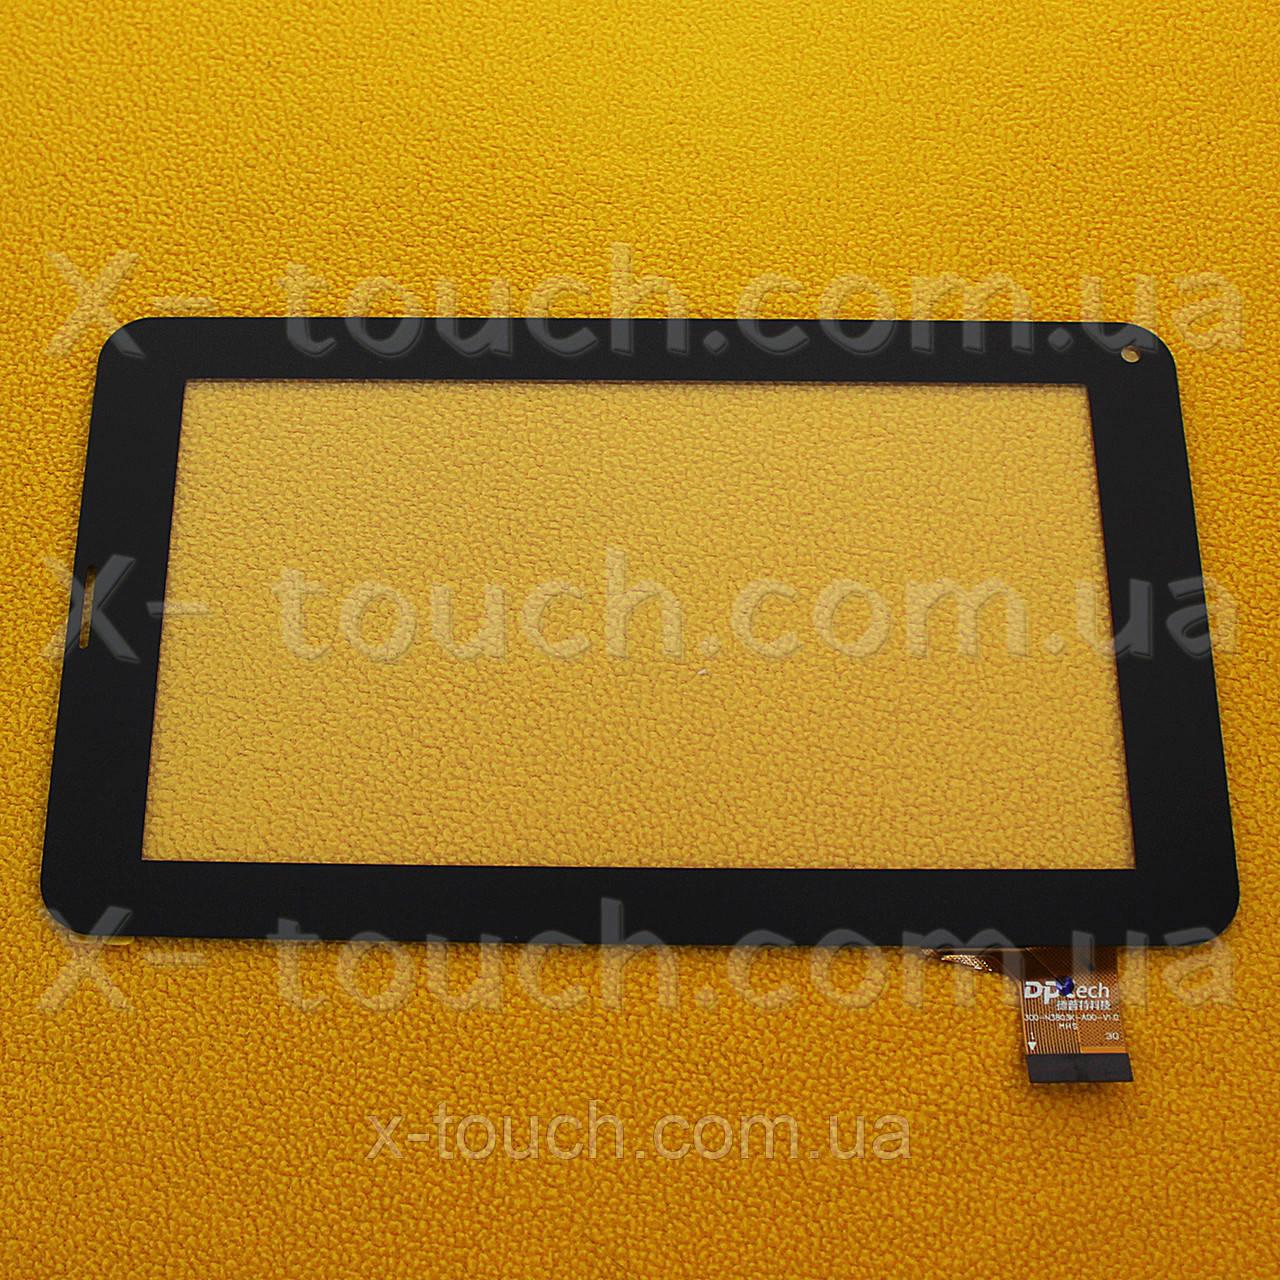 Тачскрин, сенсор NOMI (Ономи) A07002 для планшета